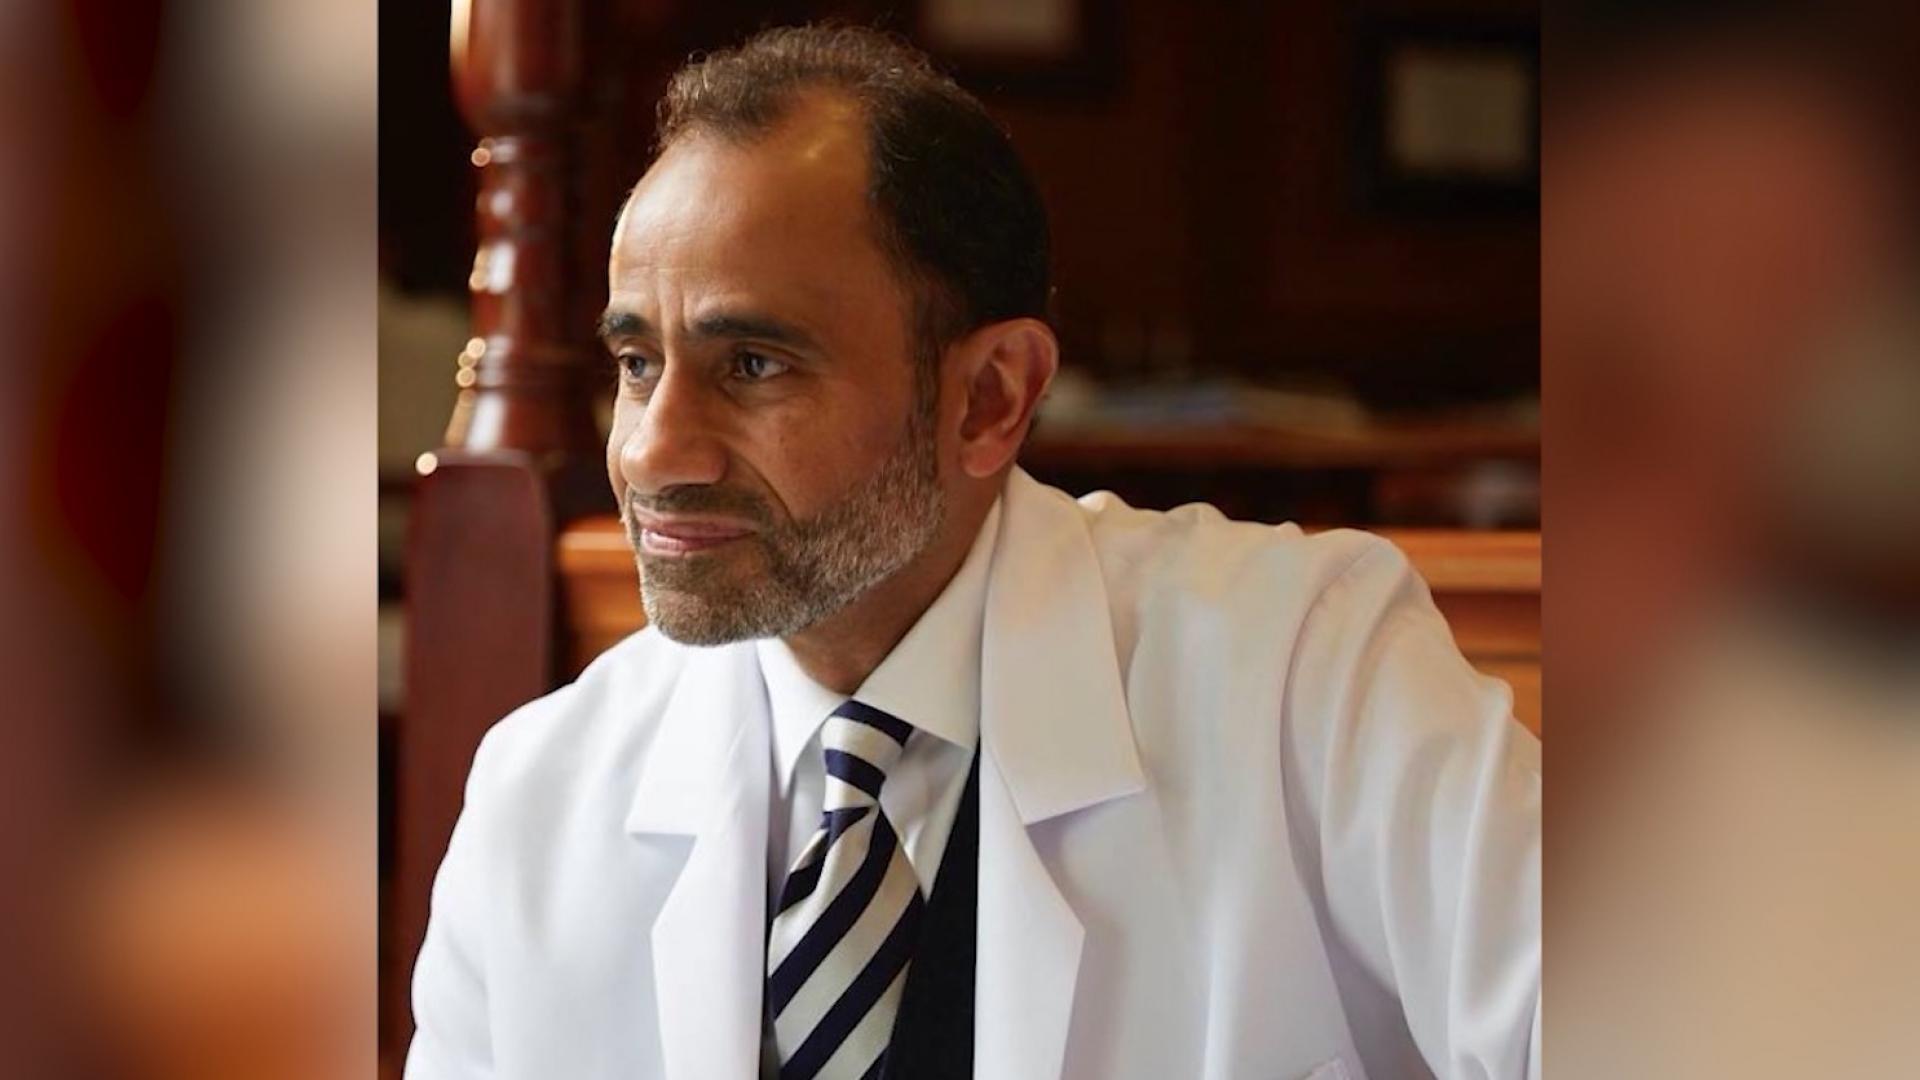 الطبيب المحتجز بالسعودية وليد فتيحي.. كل ما نعرفه عن اعتقاله حتى اللحظة